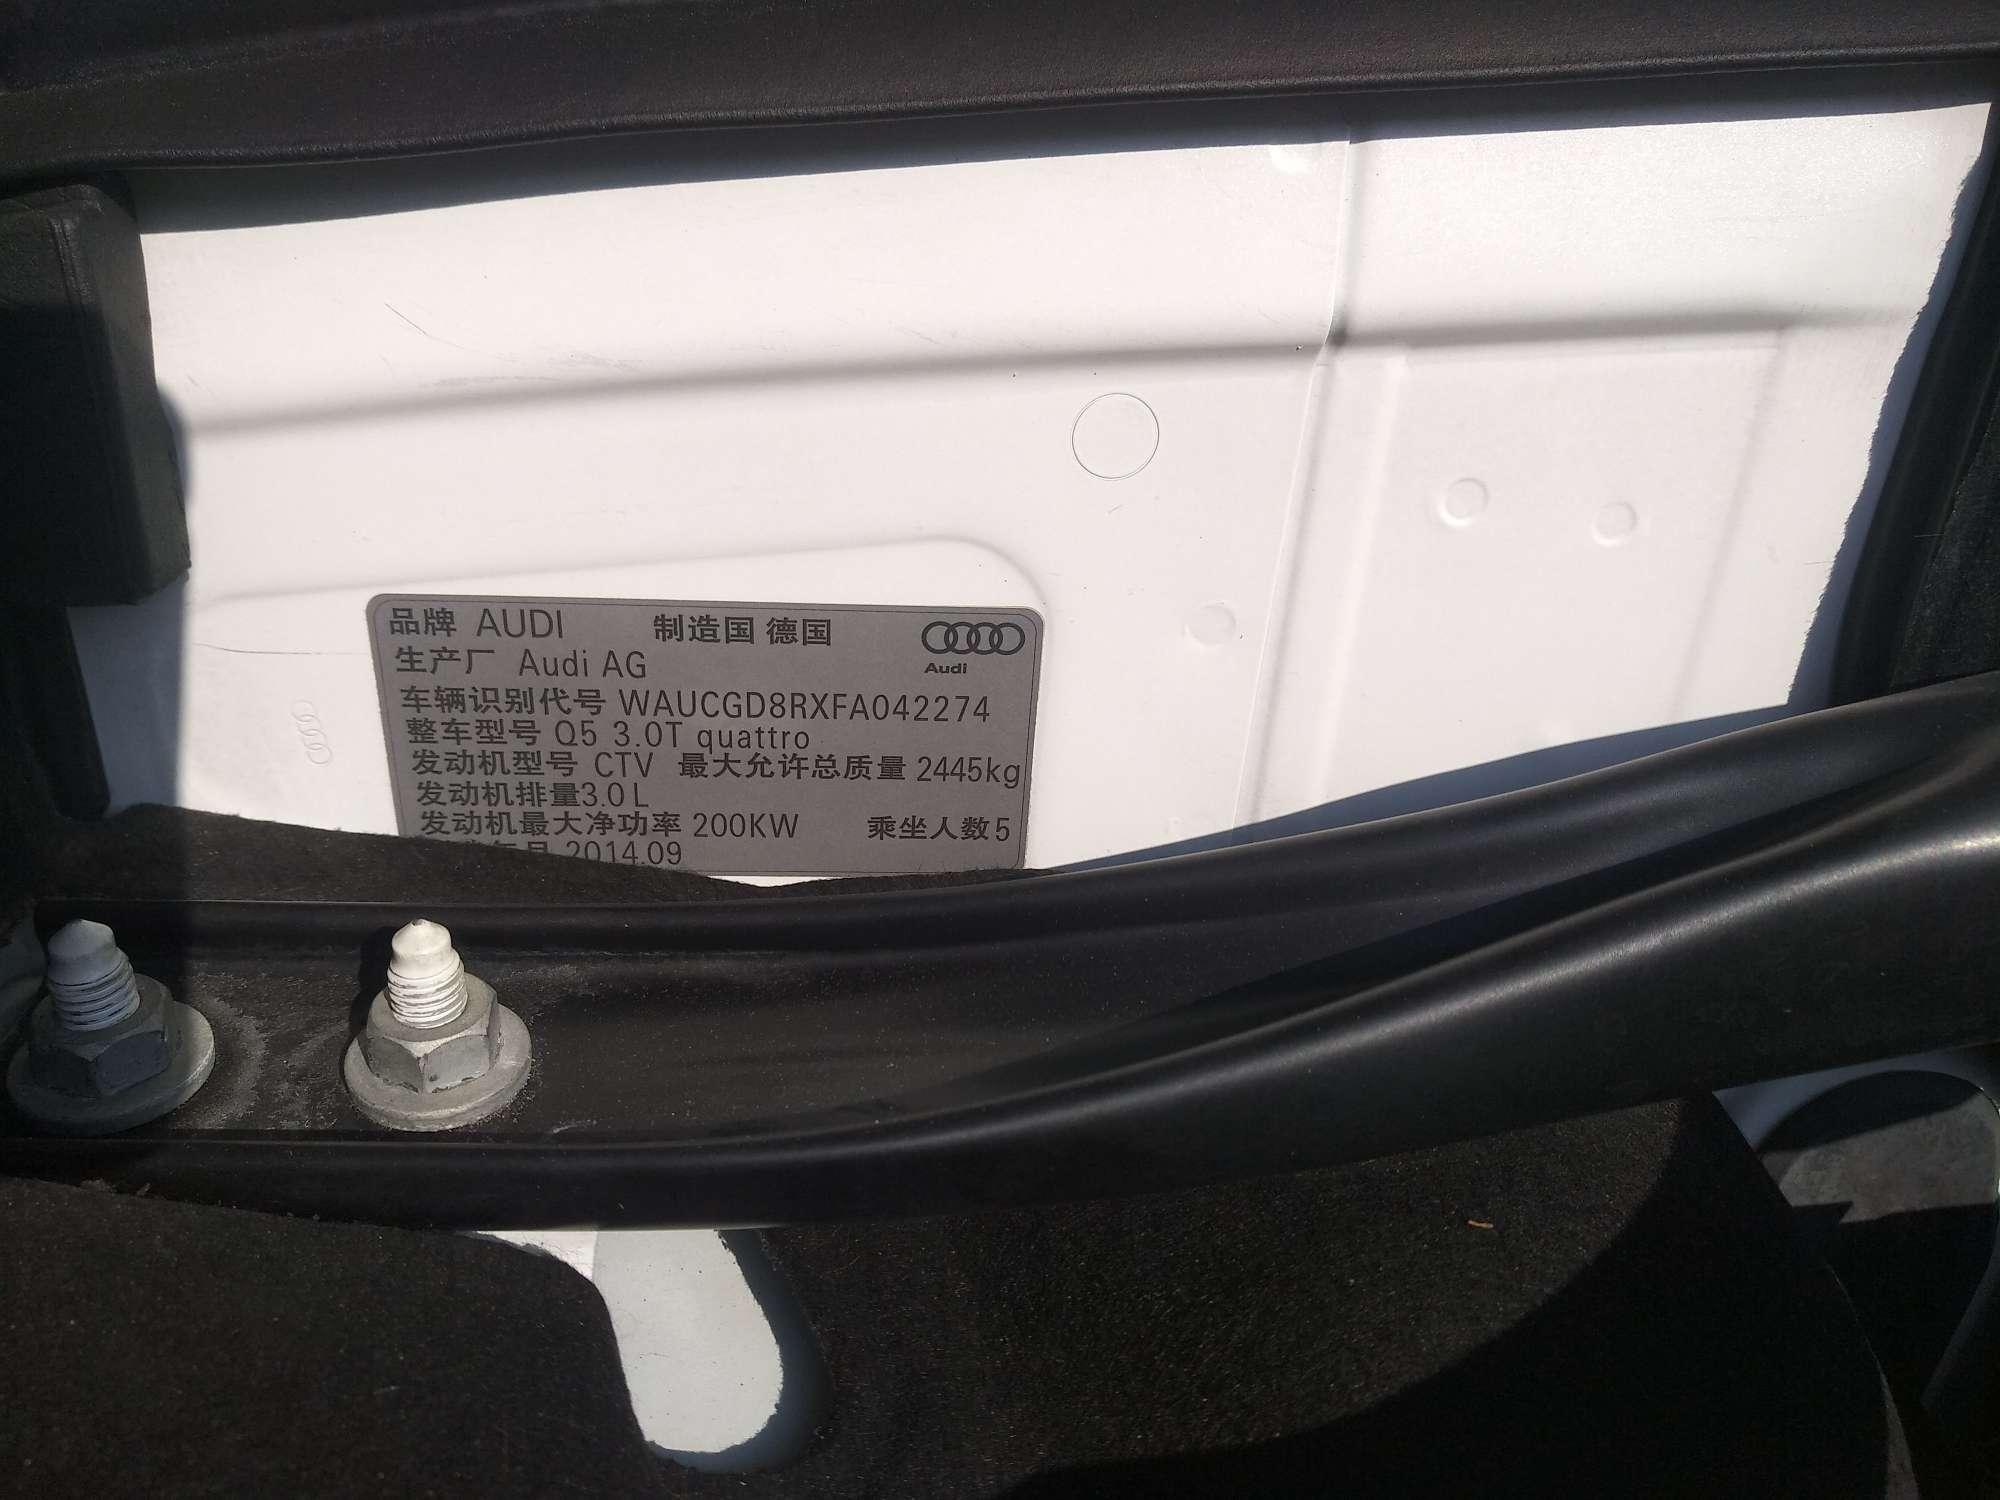 精真估提供二手车奥迪 Q5 2013款 3.0T 自动 45TFSI Quattro 运动型